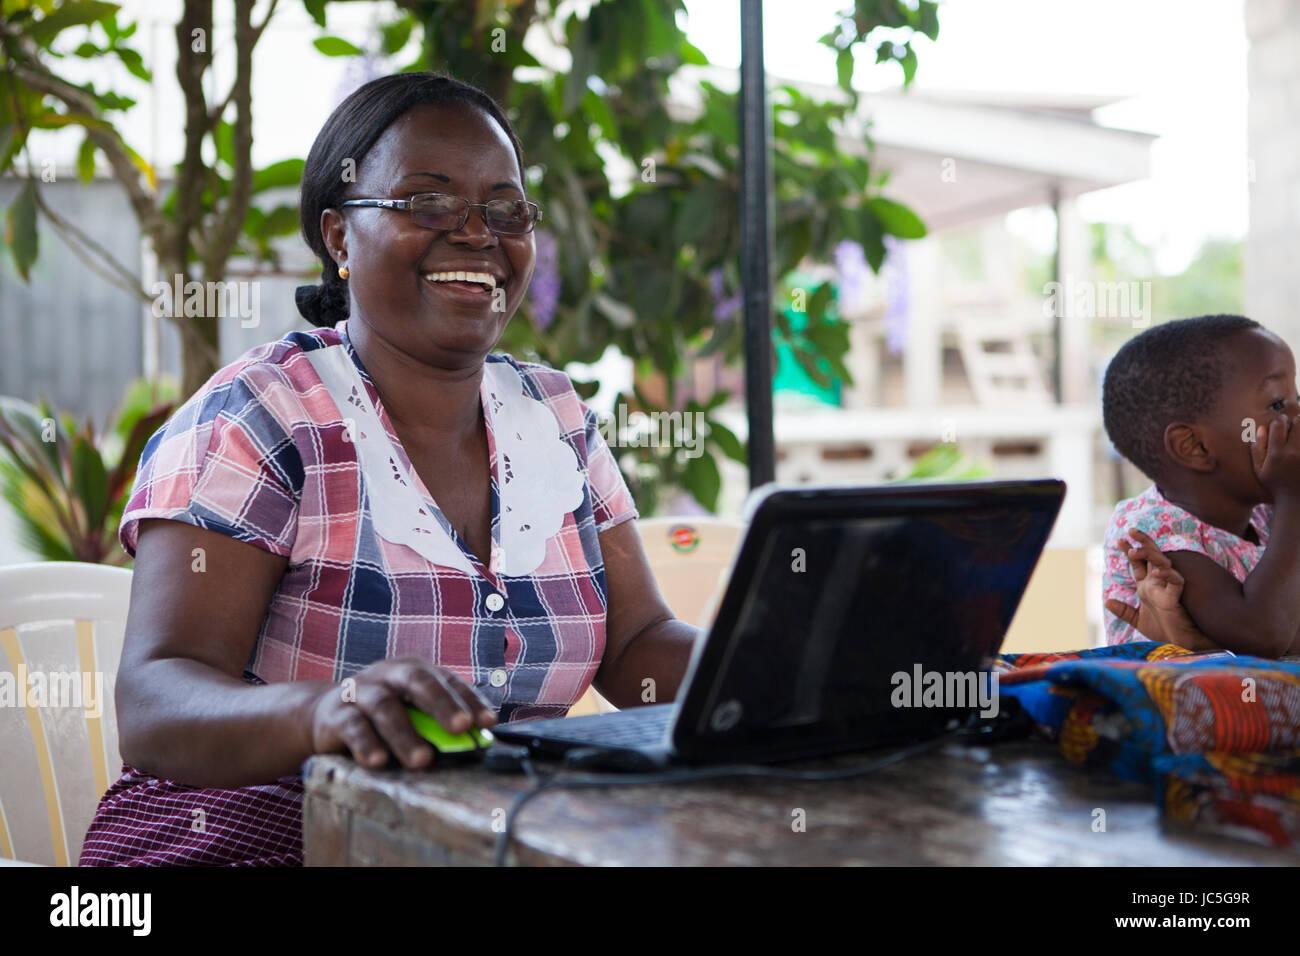 Una femmina di proprietario di piccola impresa sul suo computer, Tanzania africa Immagini Stock